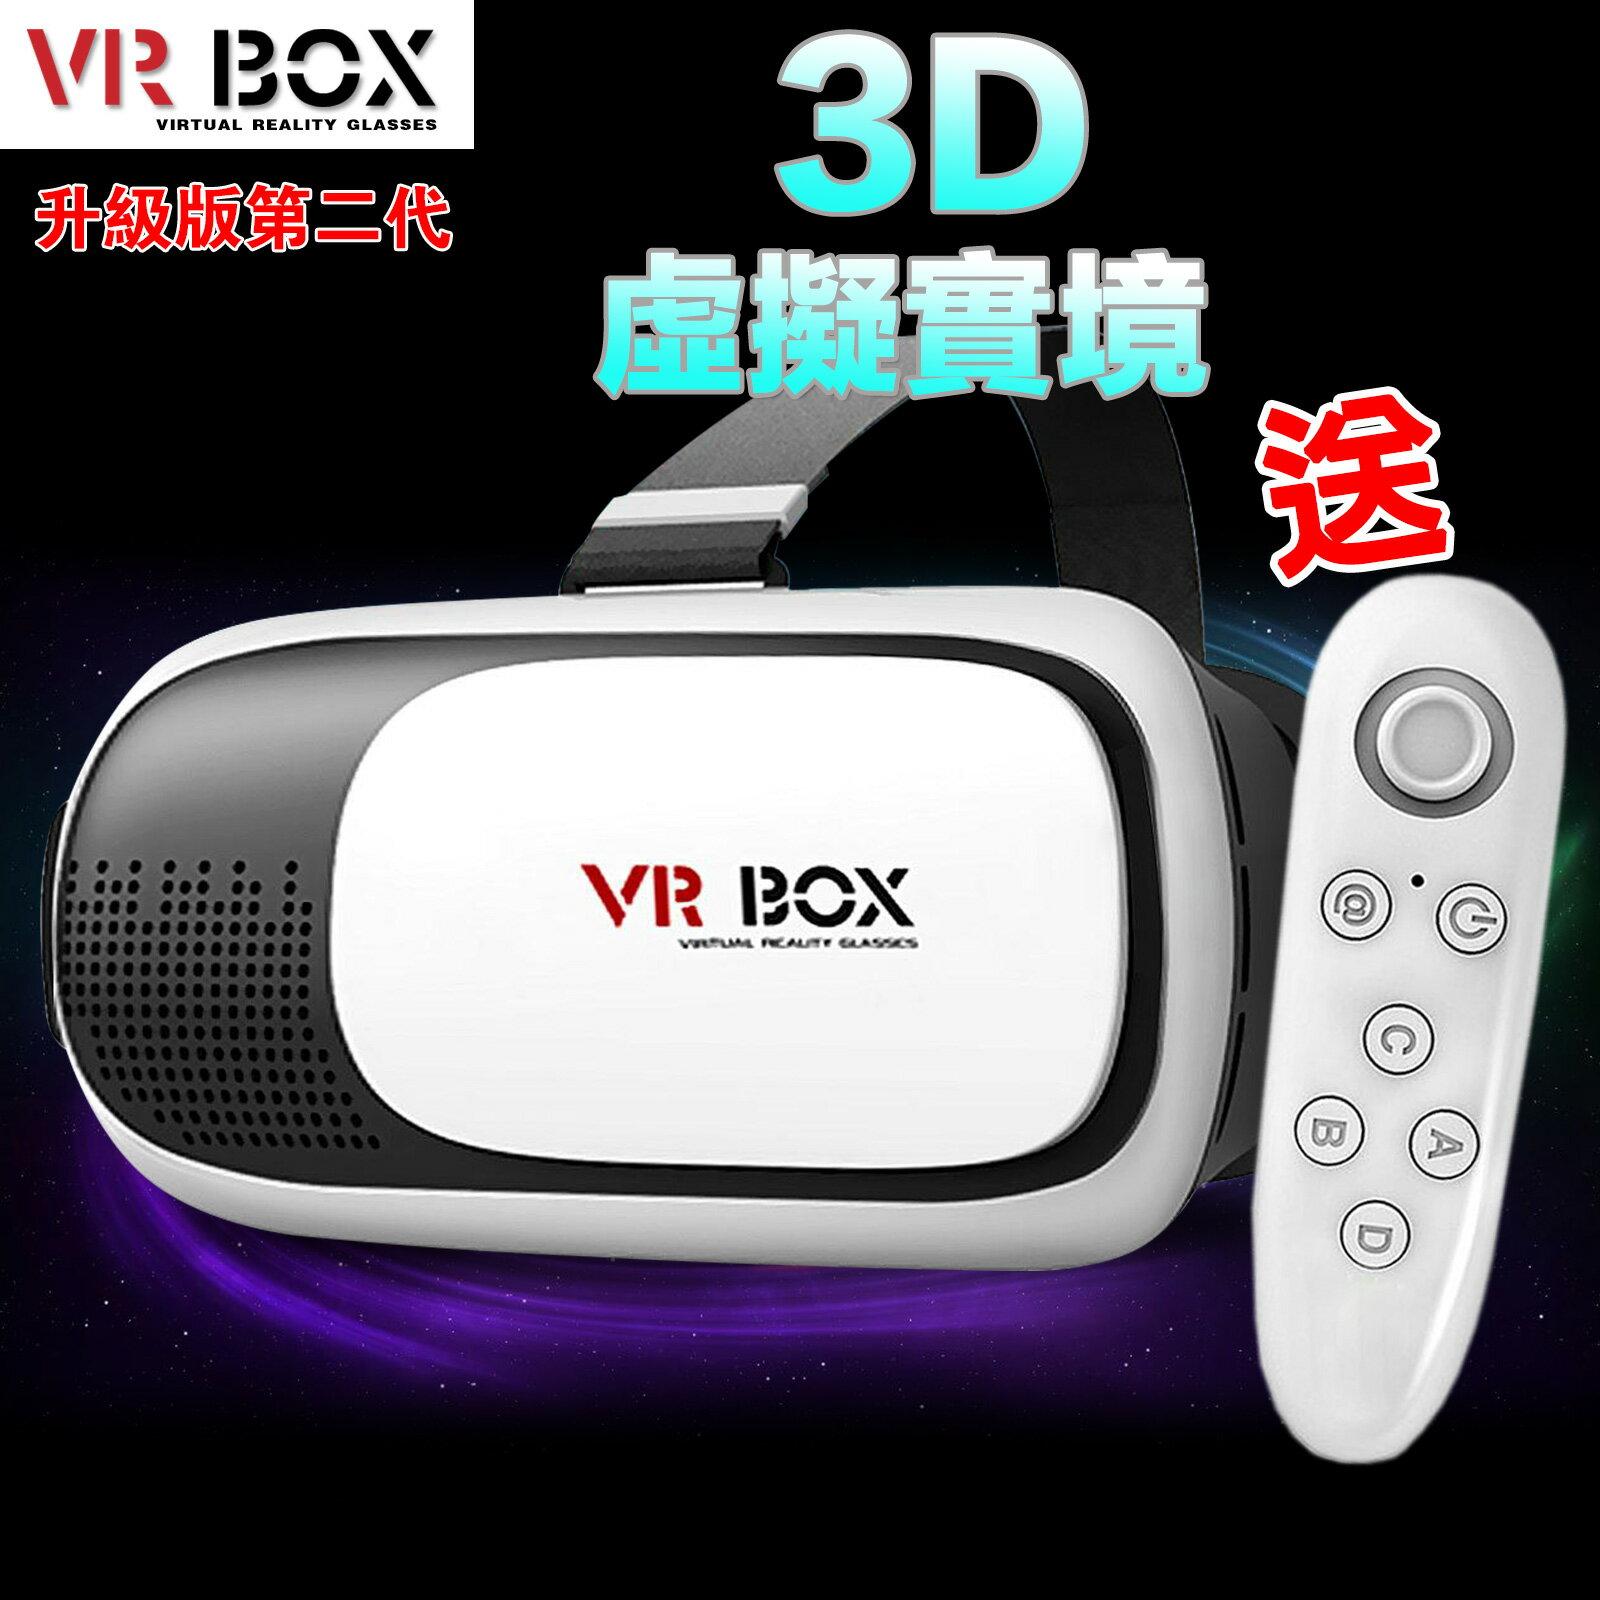 VR Box 3D眼鏡 虛擬實境眼鏡 3D Case 暴風魔鏡 VR遊戲【VRBOX】☆雙兒網☆ 2